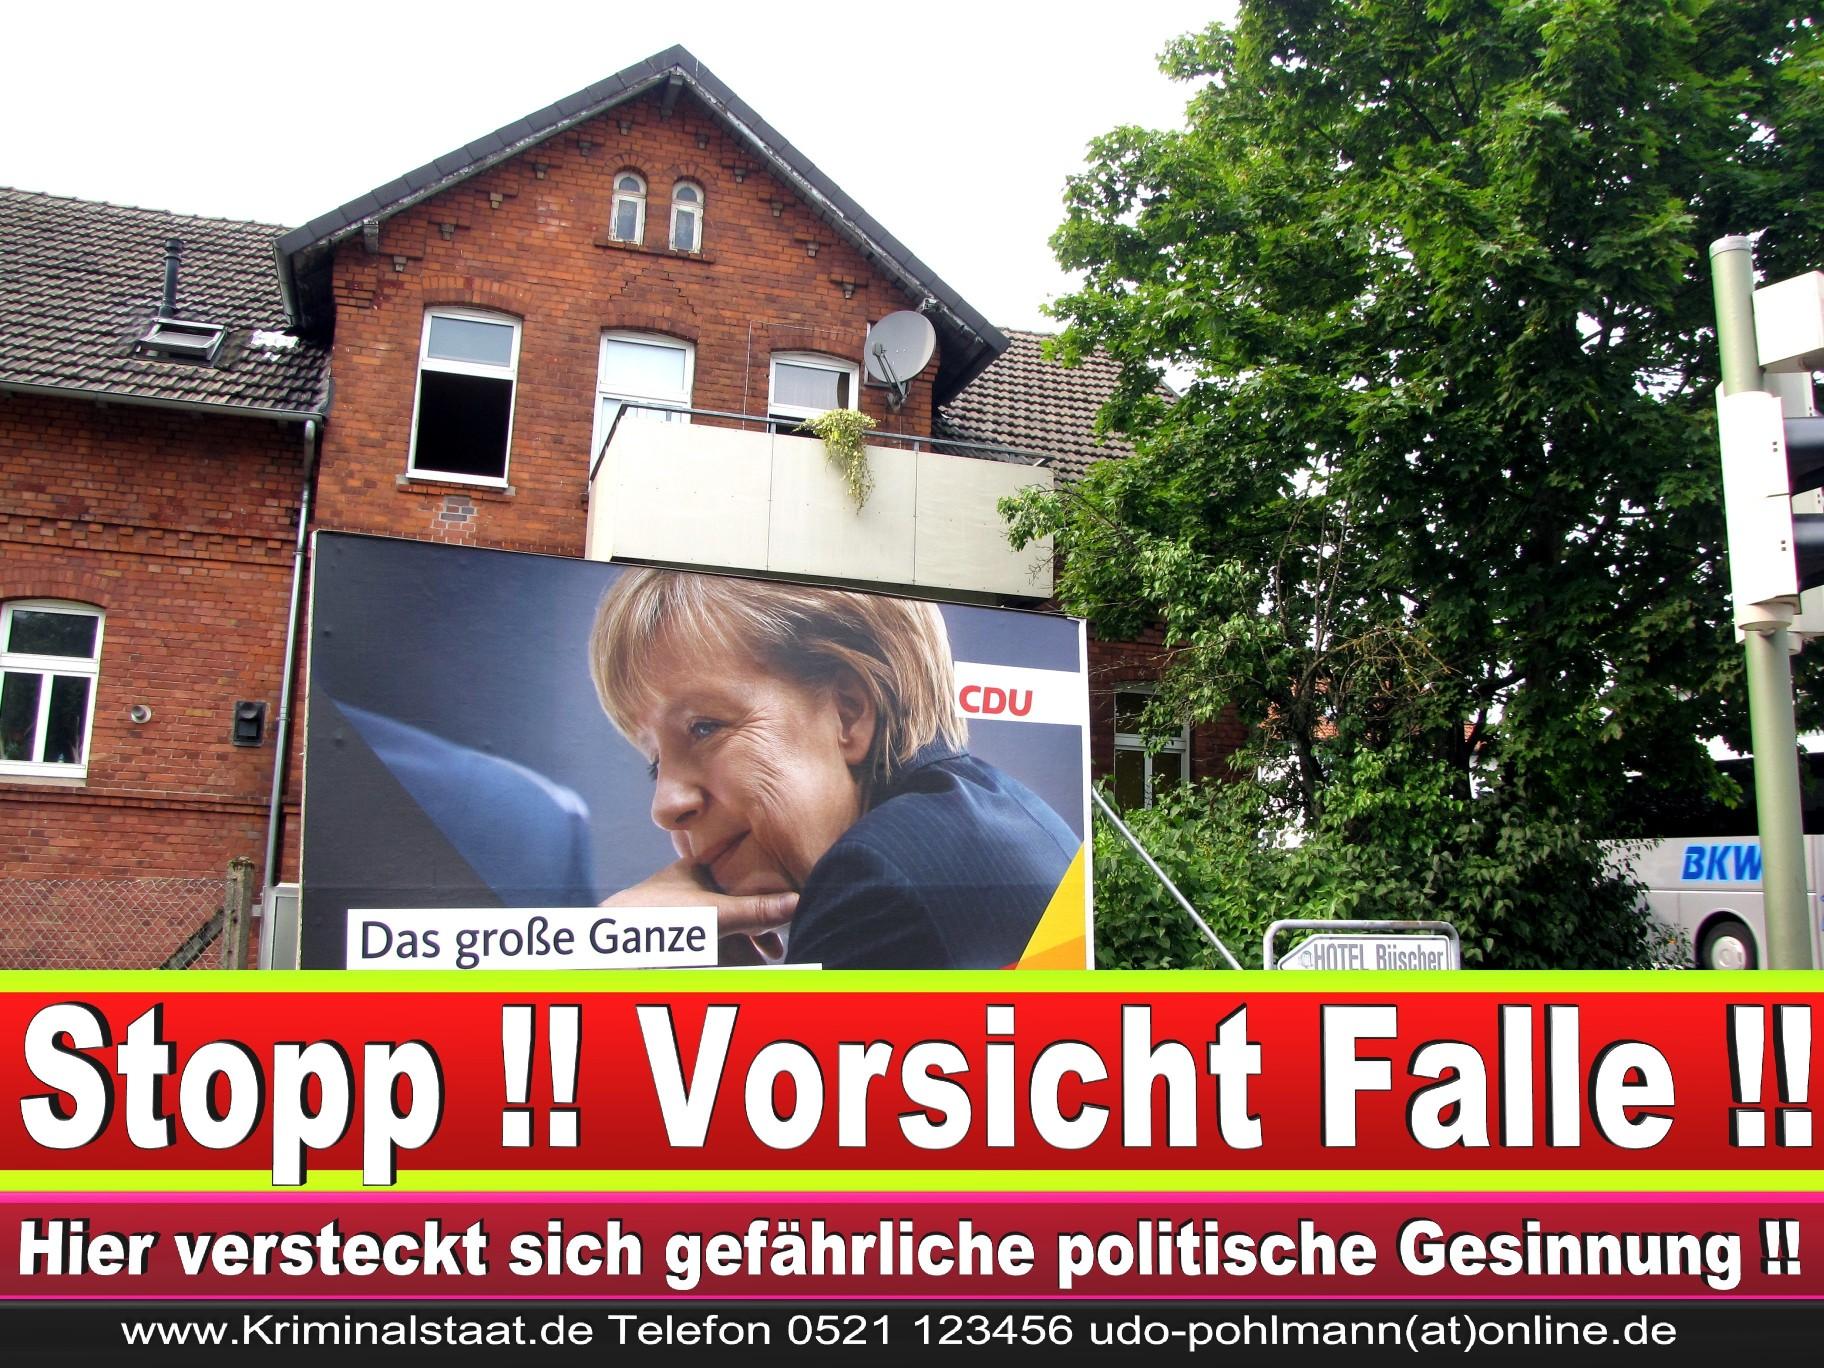 Wahlwerbung Wahlplakate Landtagswahl 2019 Europawahl CDU SPD FDP 2021 (87)